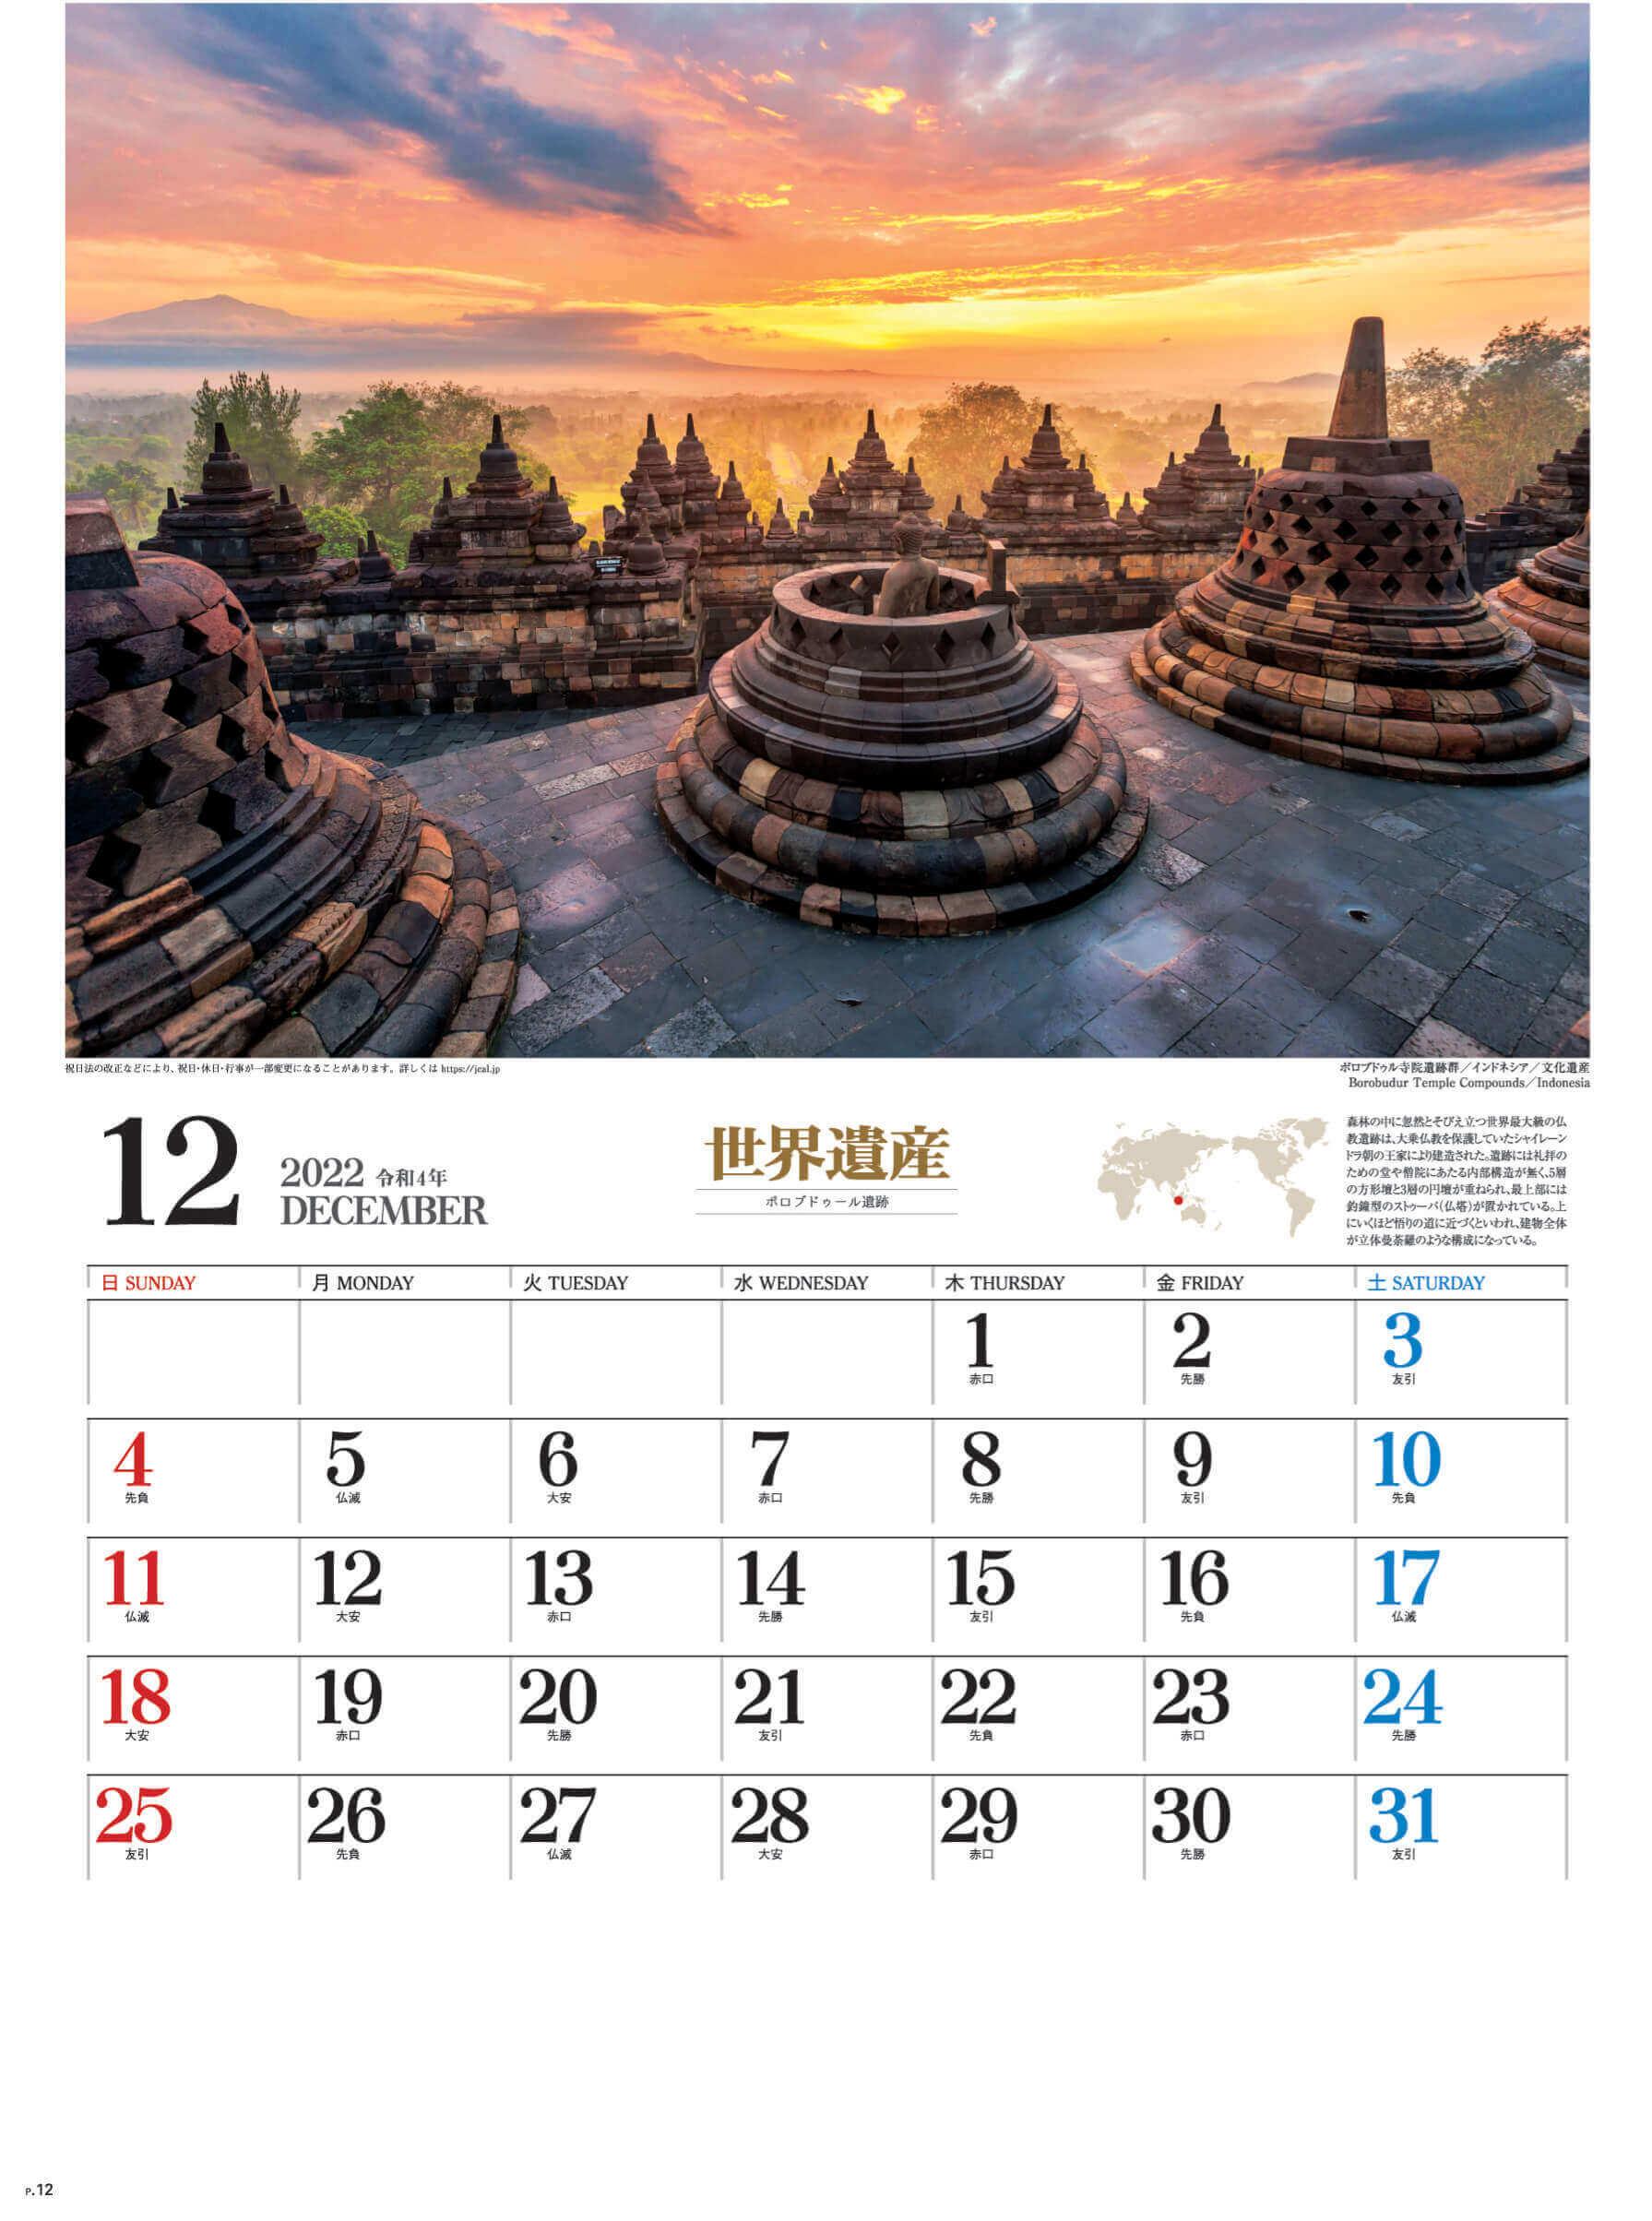 12月 ボロブドゥール インドネシア ユネスコ世界遺産 2022年カレンダーの画像